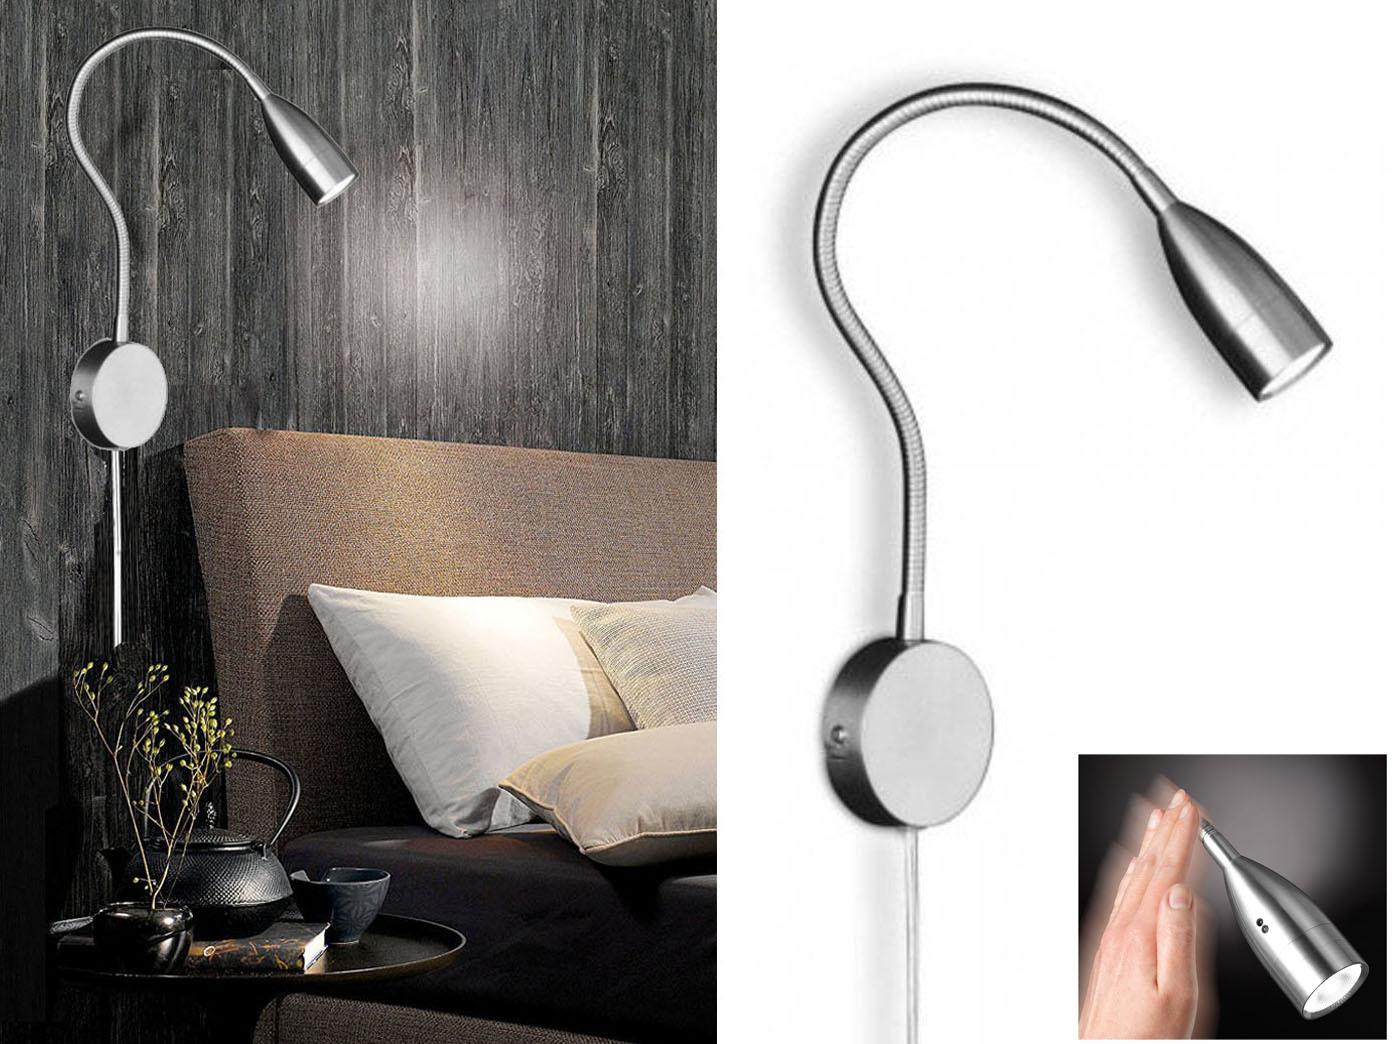 Bezaubernd Leselampe Dimmbar Dekoration Von Flexible-led-leselampe-dimmbar -bewegungssensor-leseleuchte-wandleuchte-wohnraum